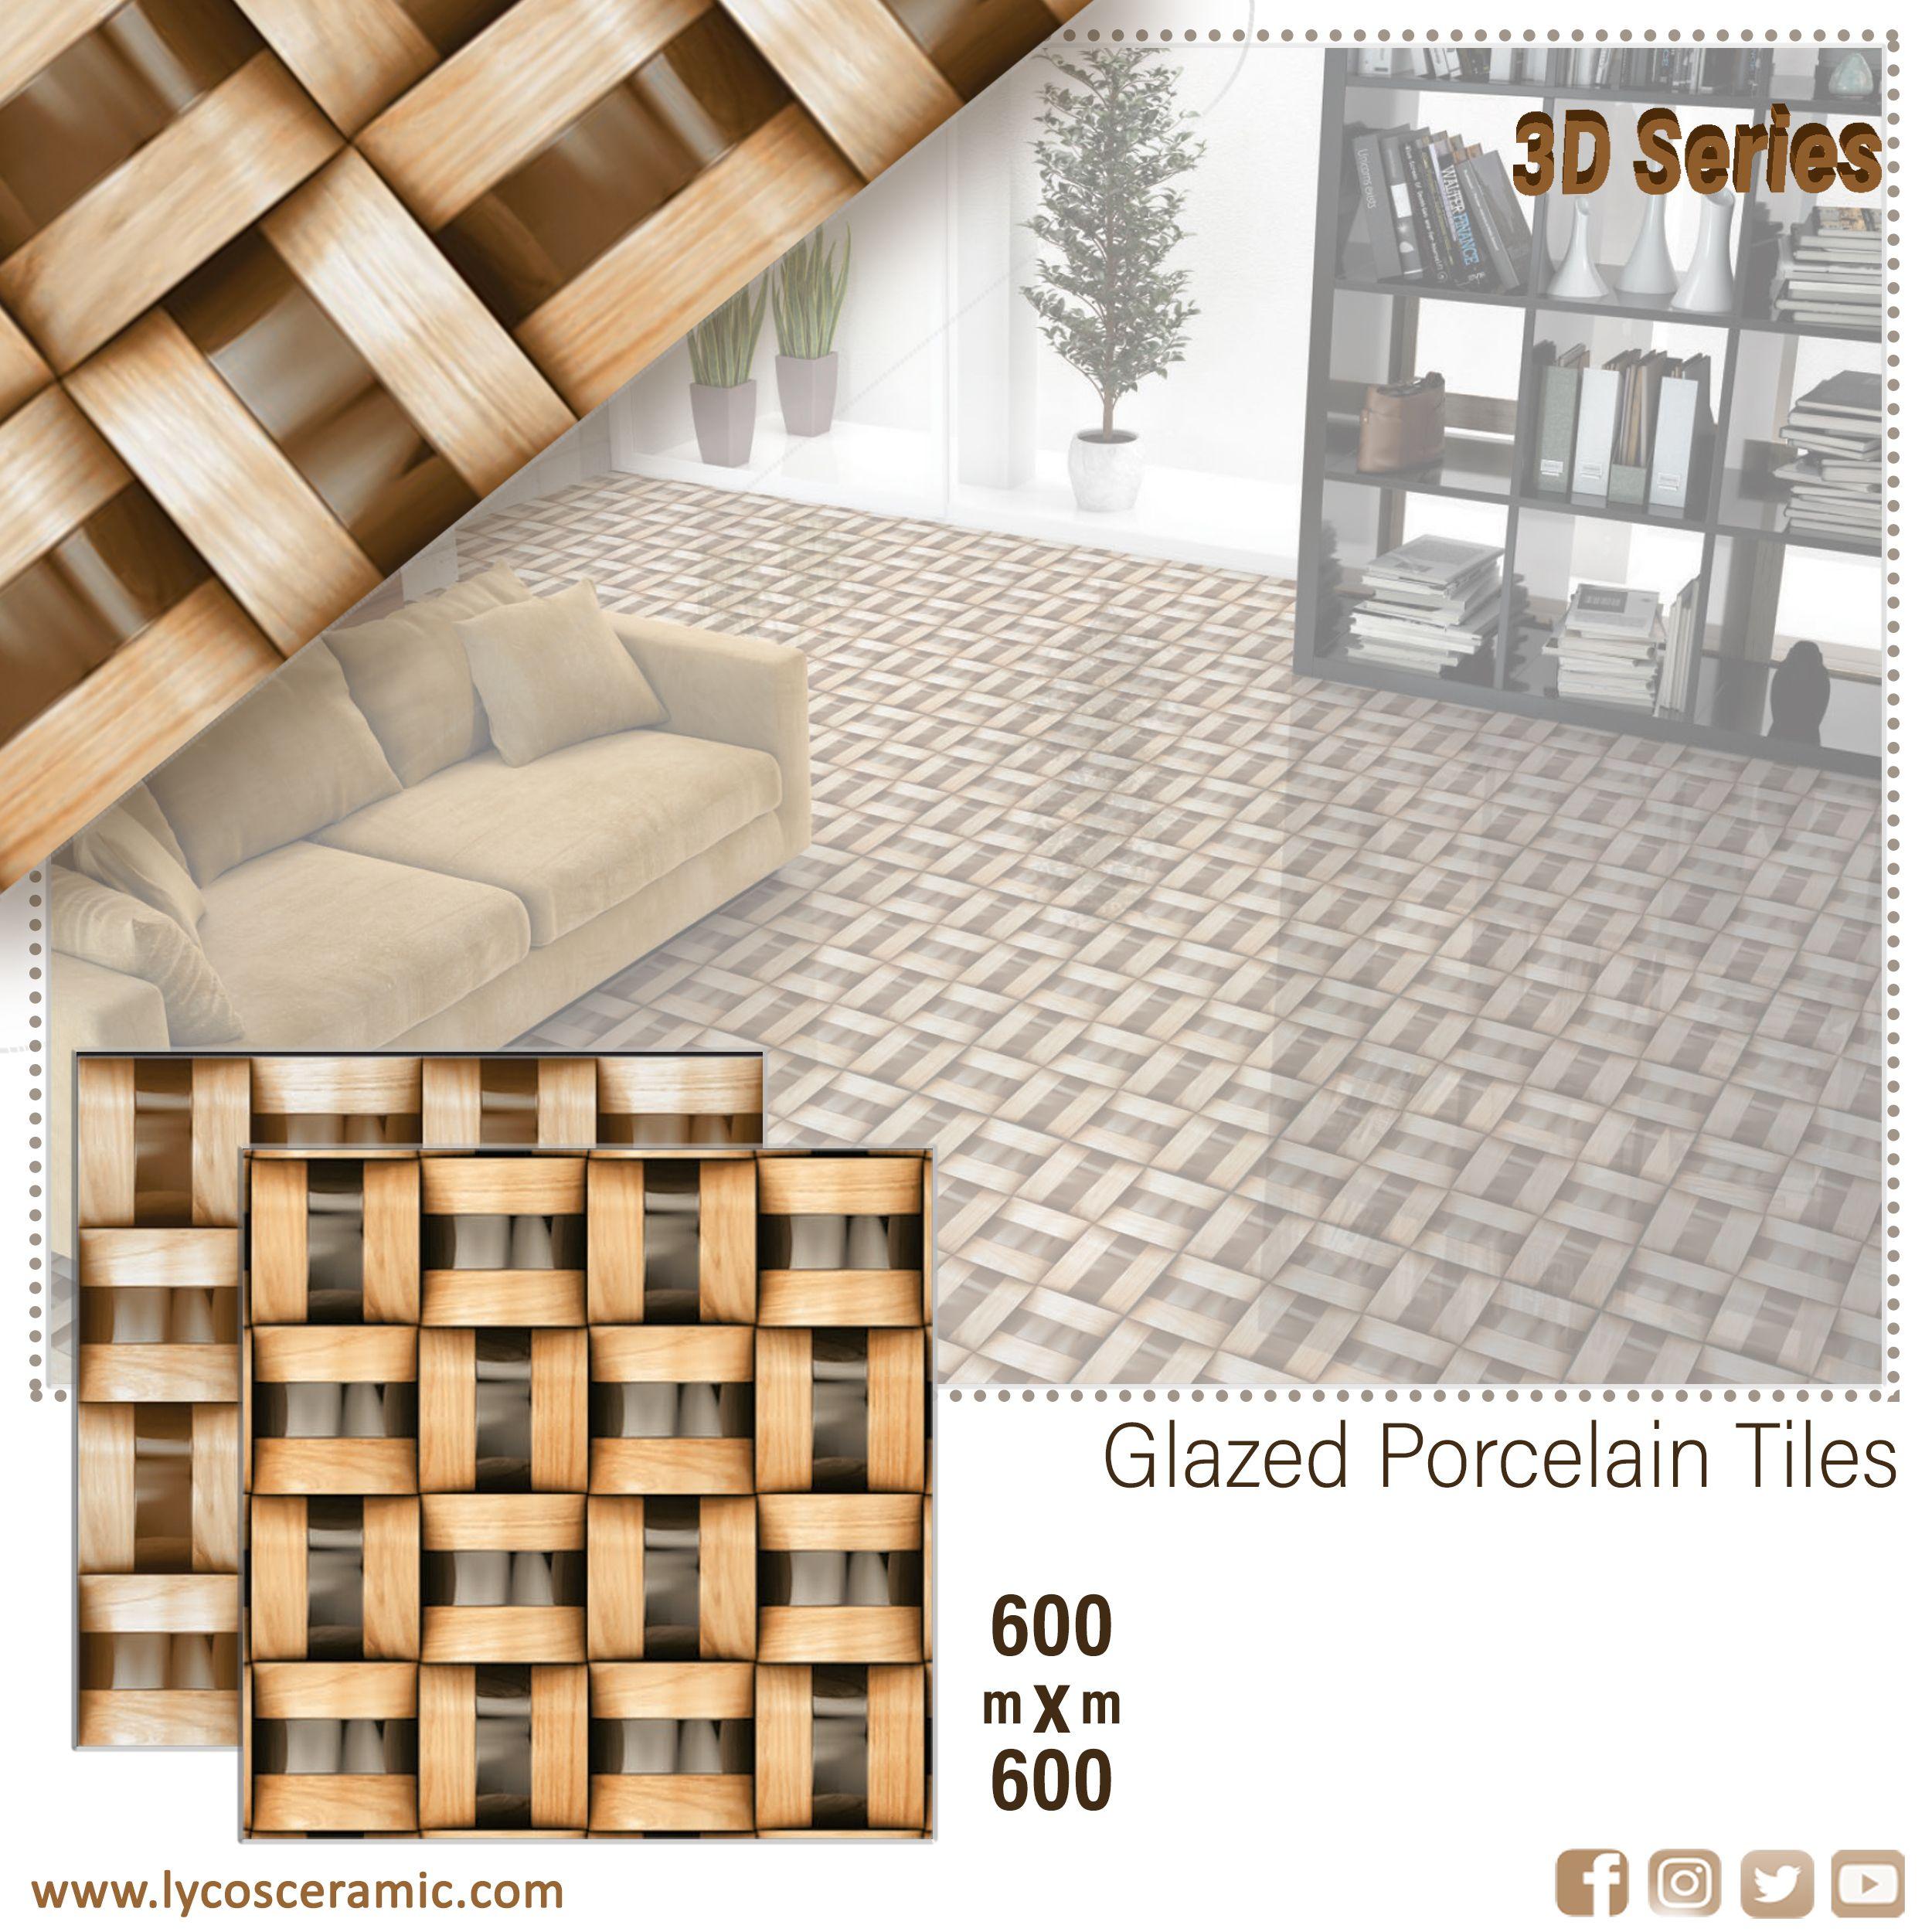 60x60 CM 3D Tiles in 2020 Buying flooring, Tiles price